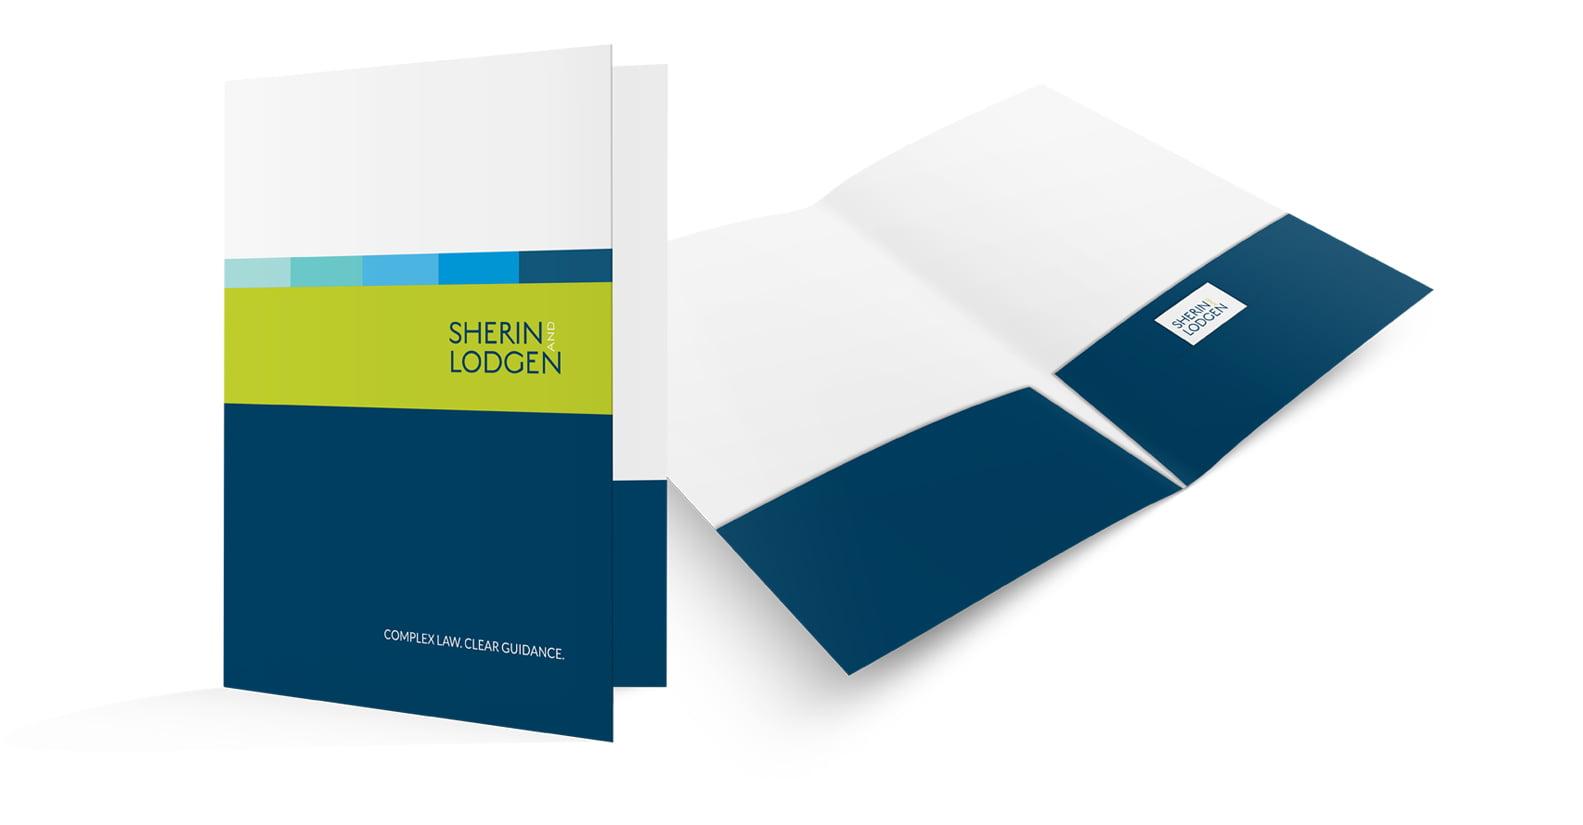 Sherin Folder After